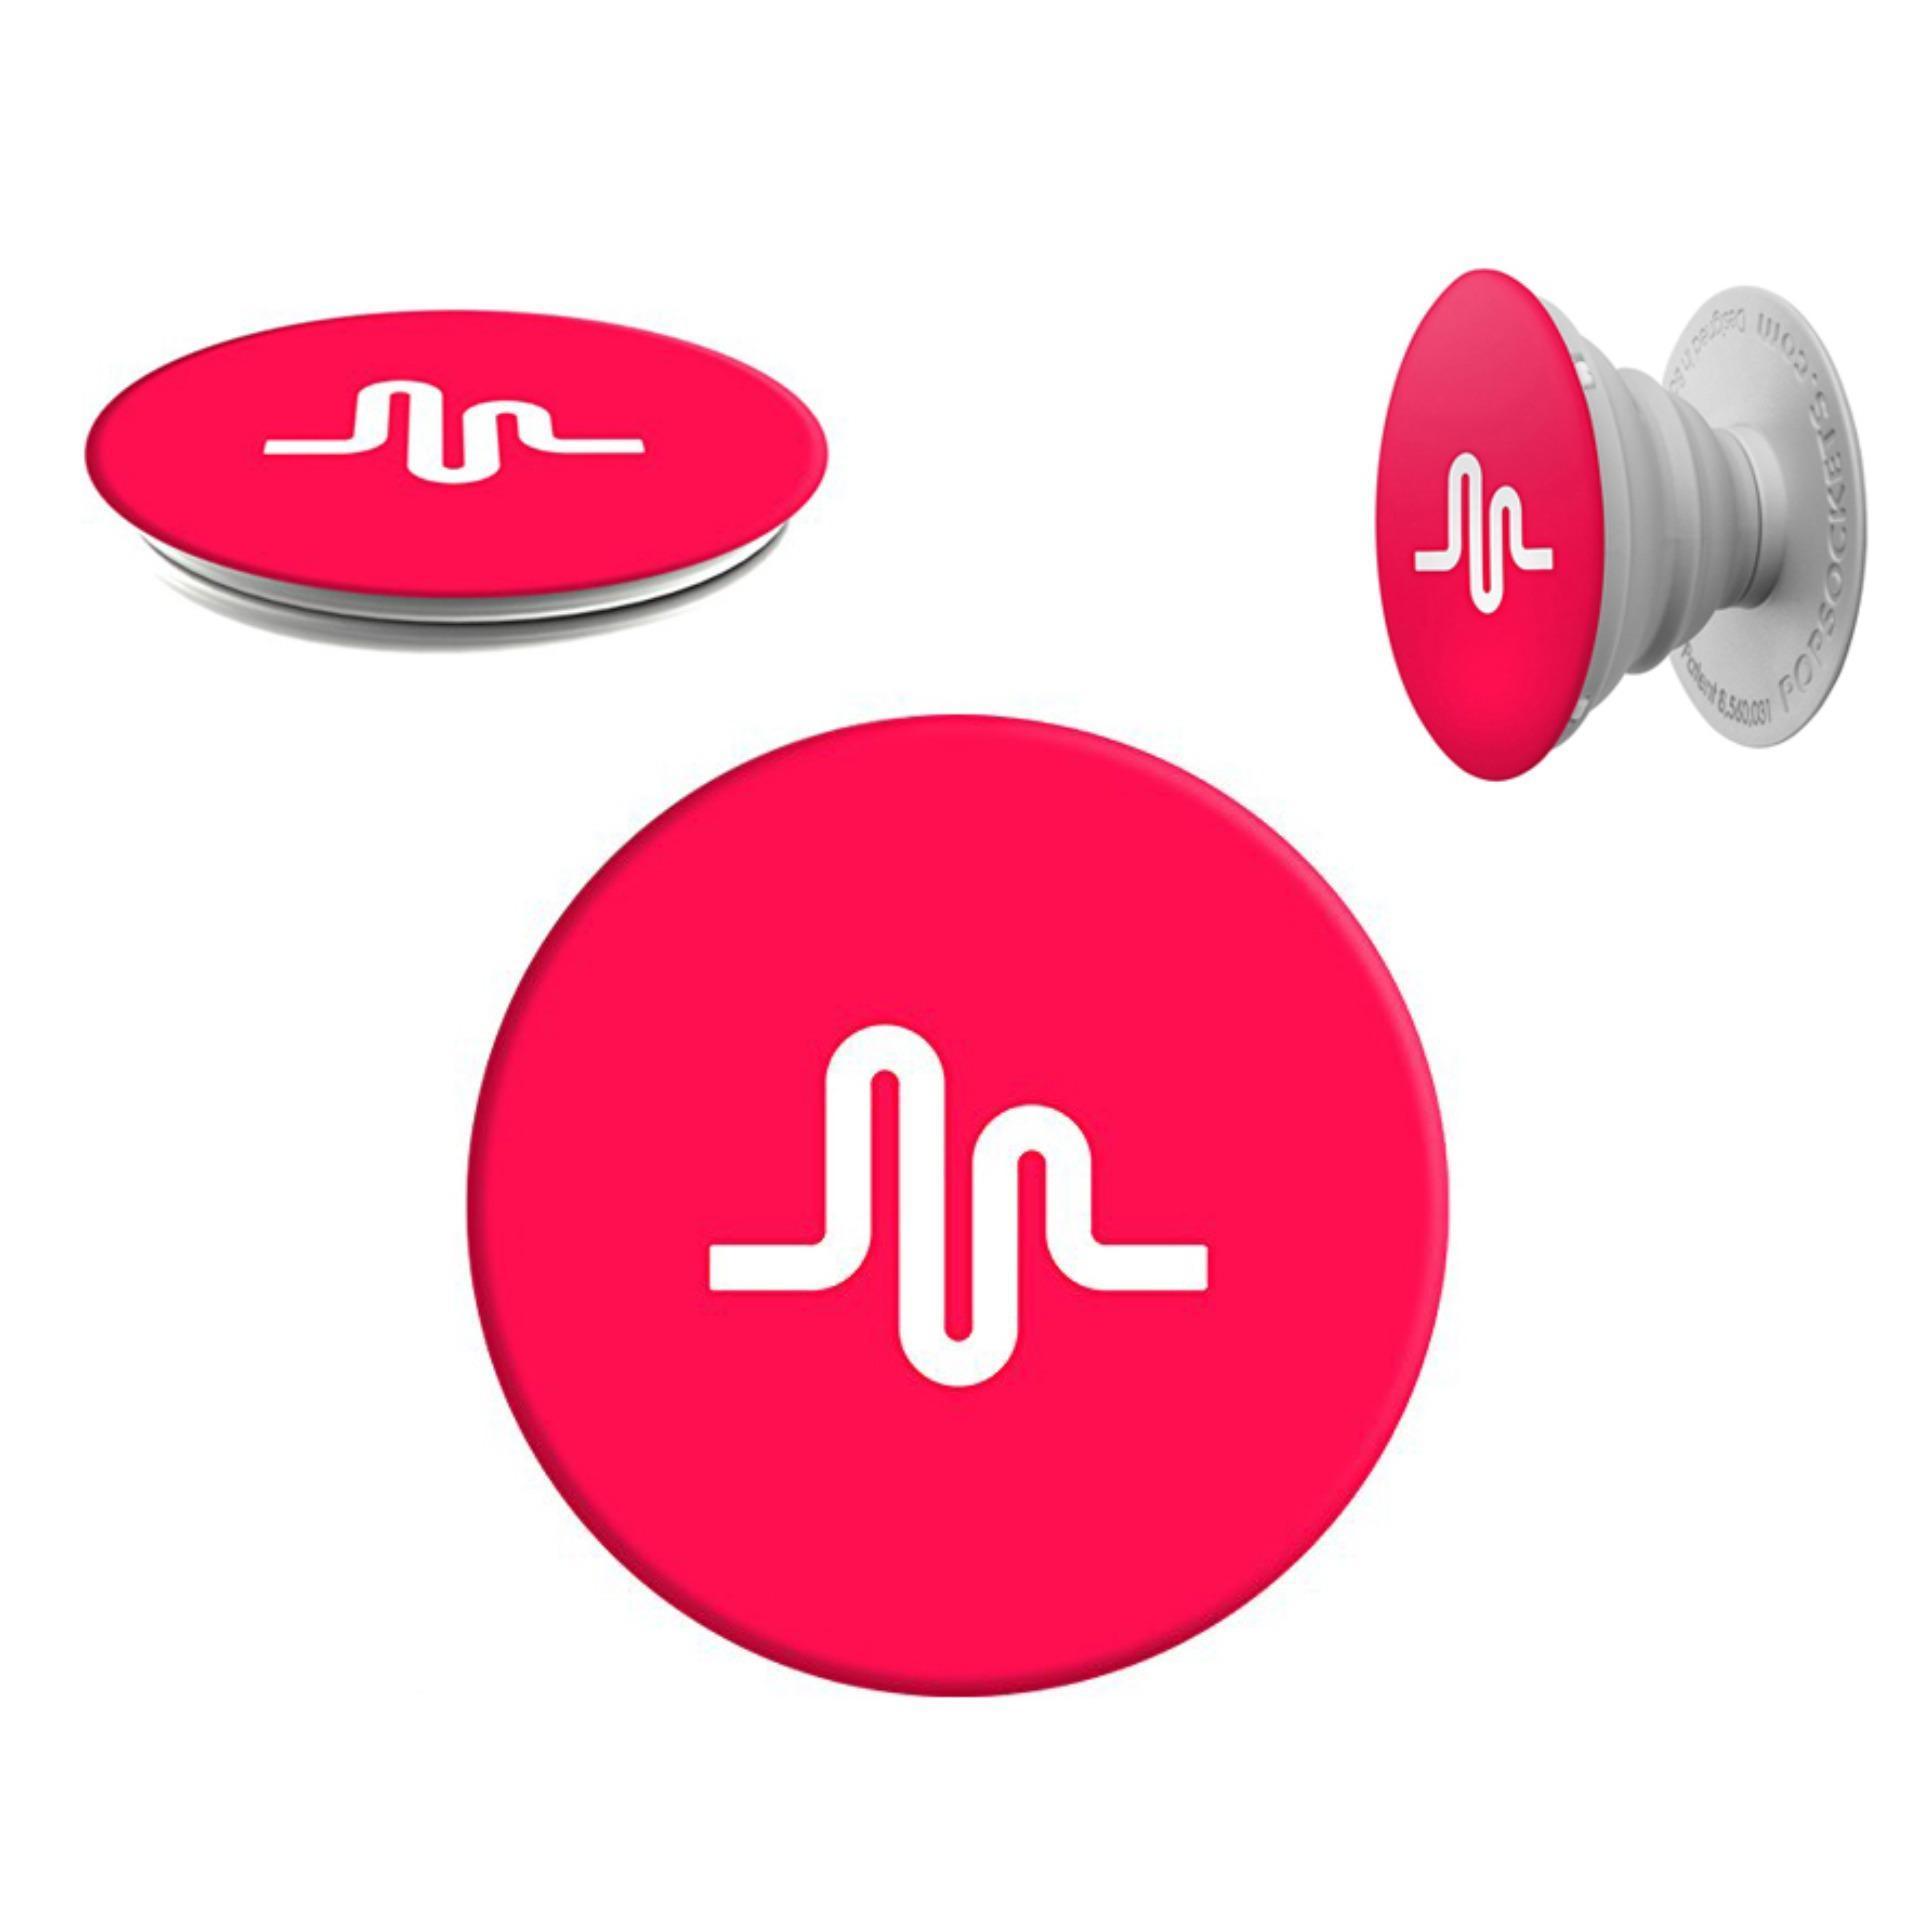 Popsocket Musically Anti Drop iRing Socket Mobile Phone Karakter Musically